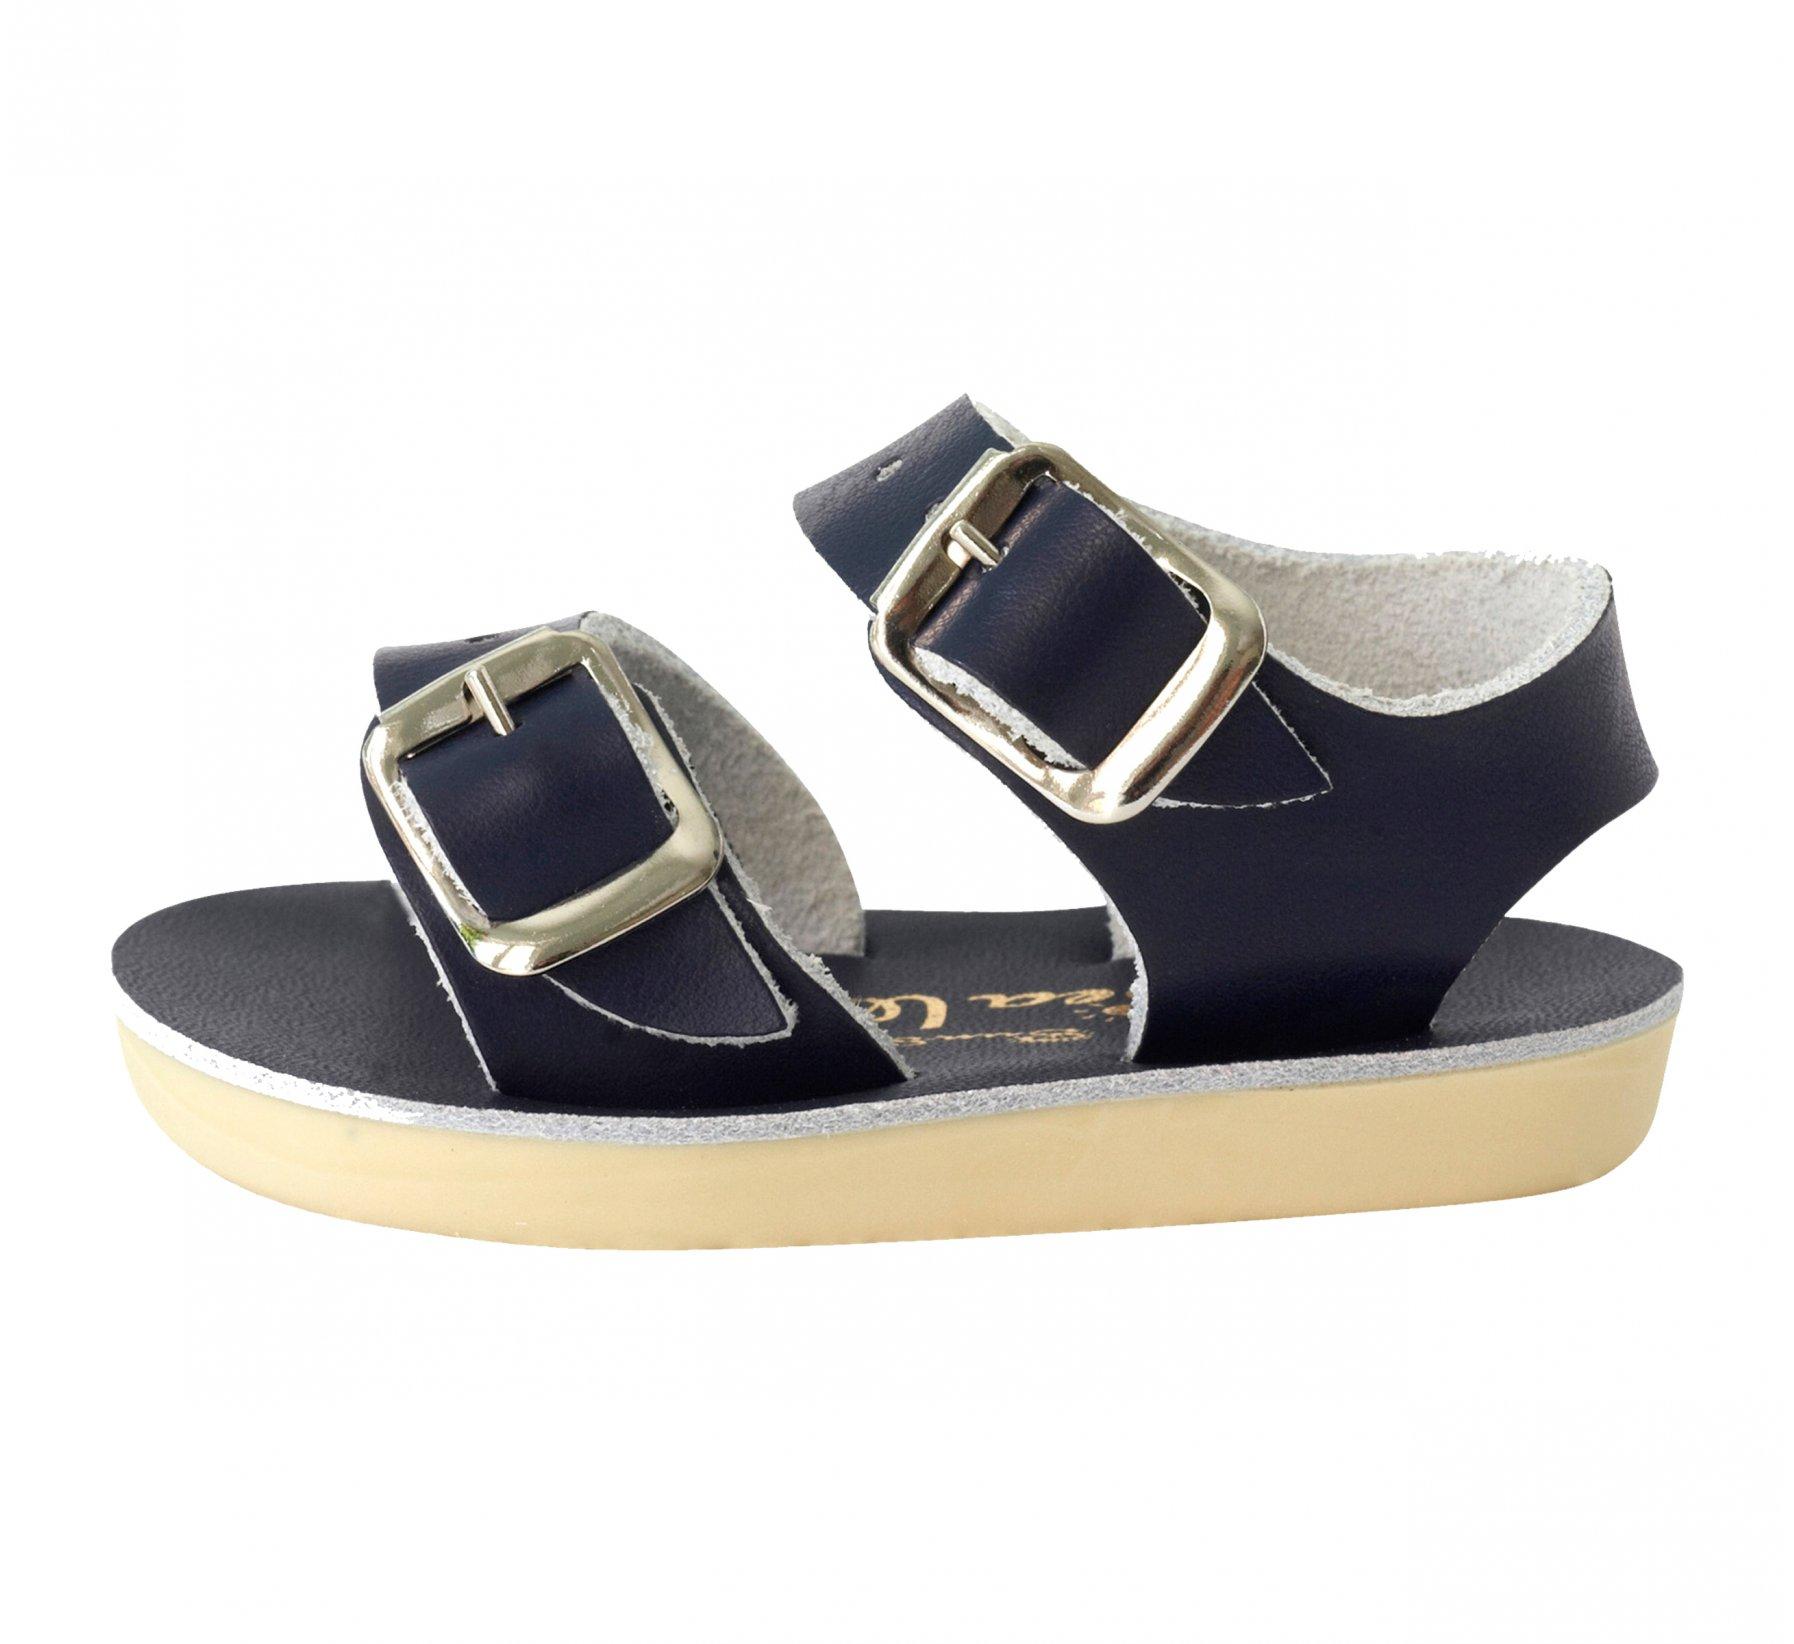 Seawee Navy - Salt Water Sandals